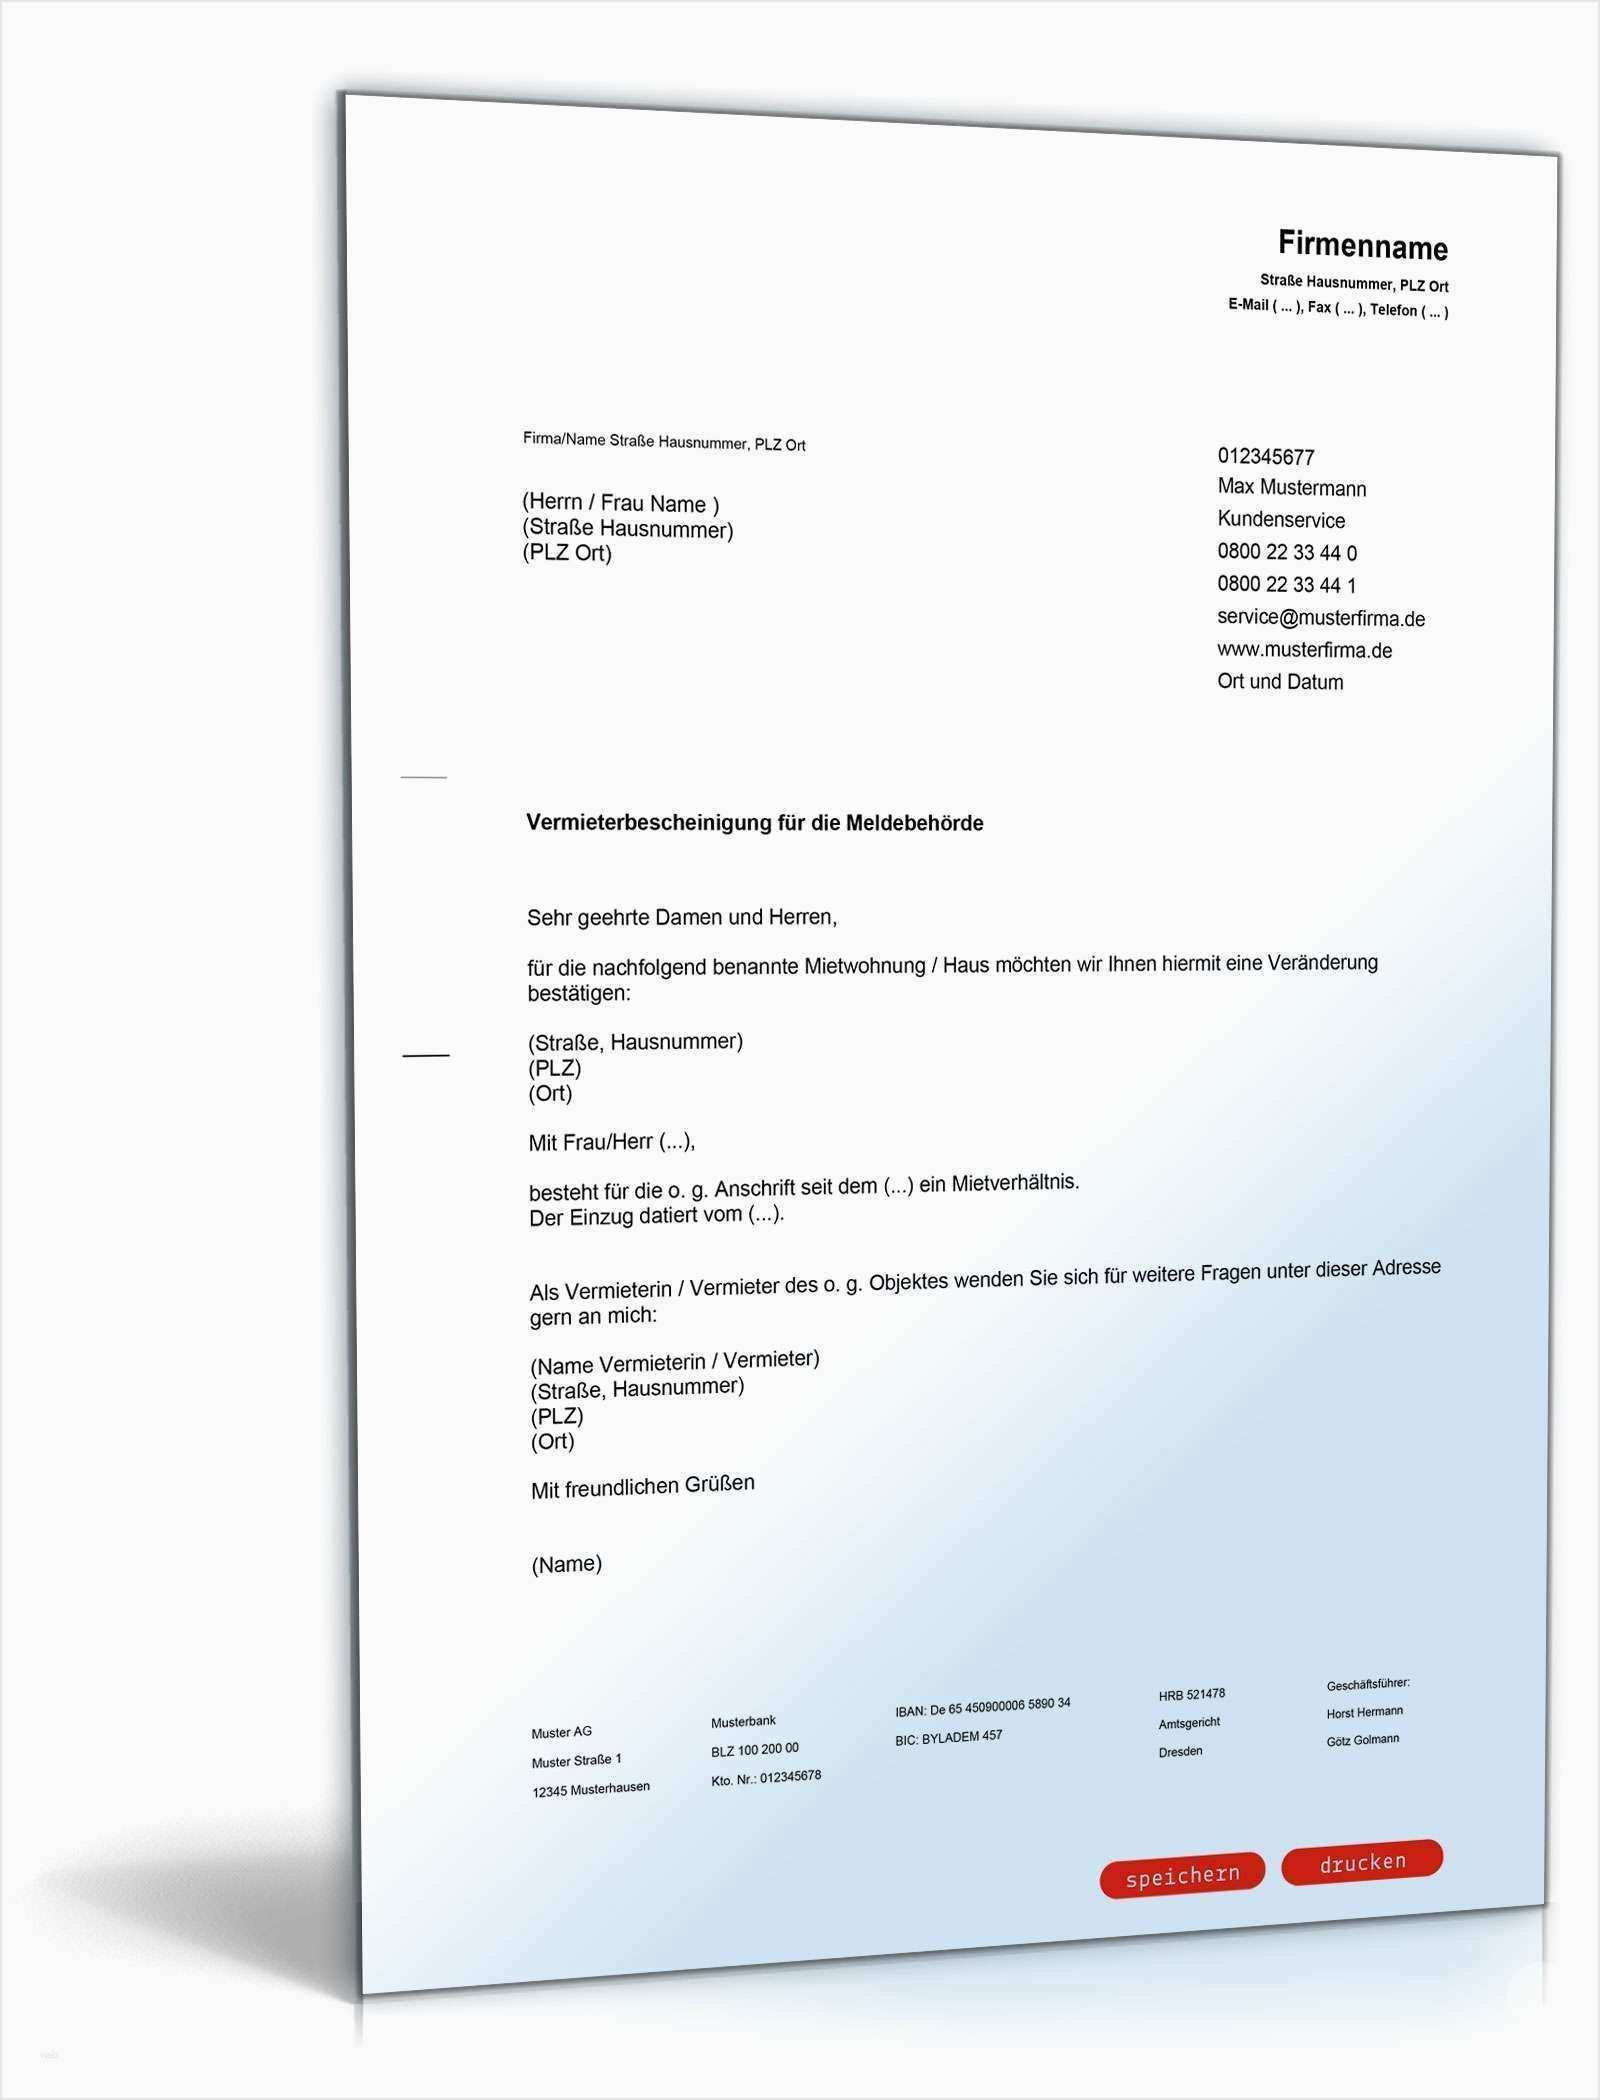 Einzigartig Bewerbung Nach Elternzeit Teilzeit Muster Briefprobe Briefformat Briefvorlage Vorlagen Word Lebenslauf Vorlagen